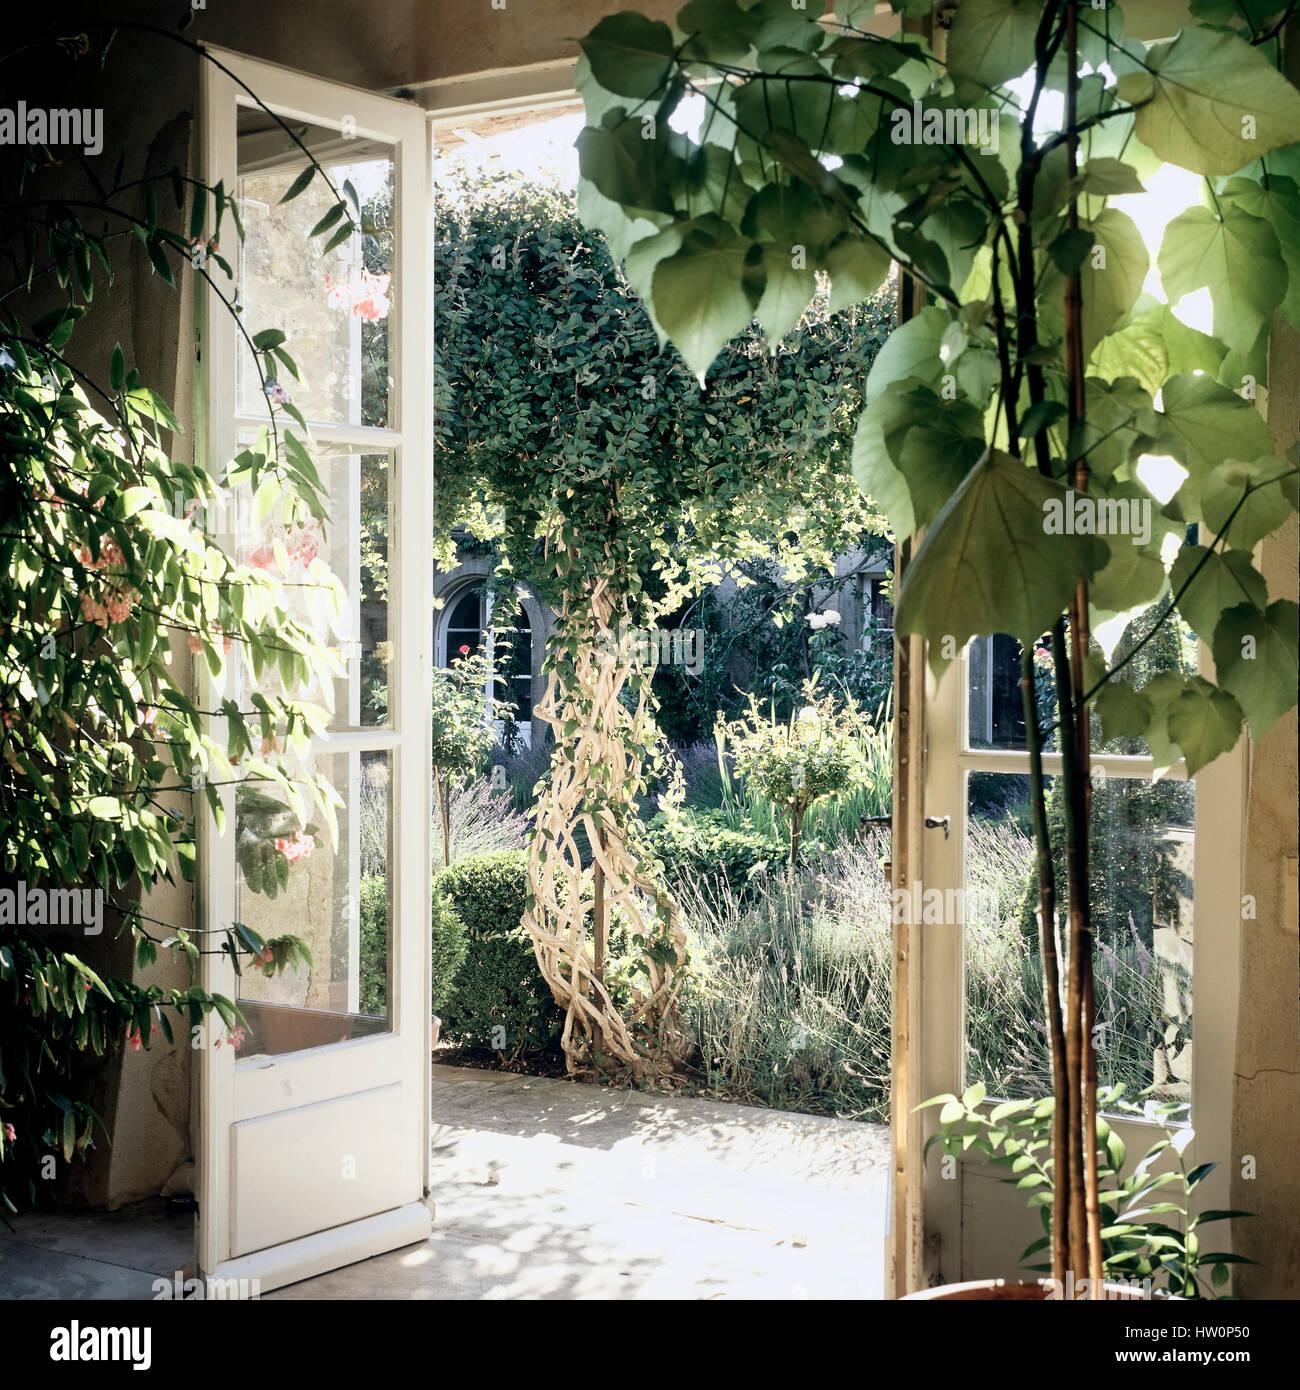 Porte francesi che conduce a un giardino. Immagini Stock